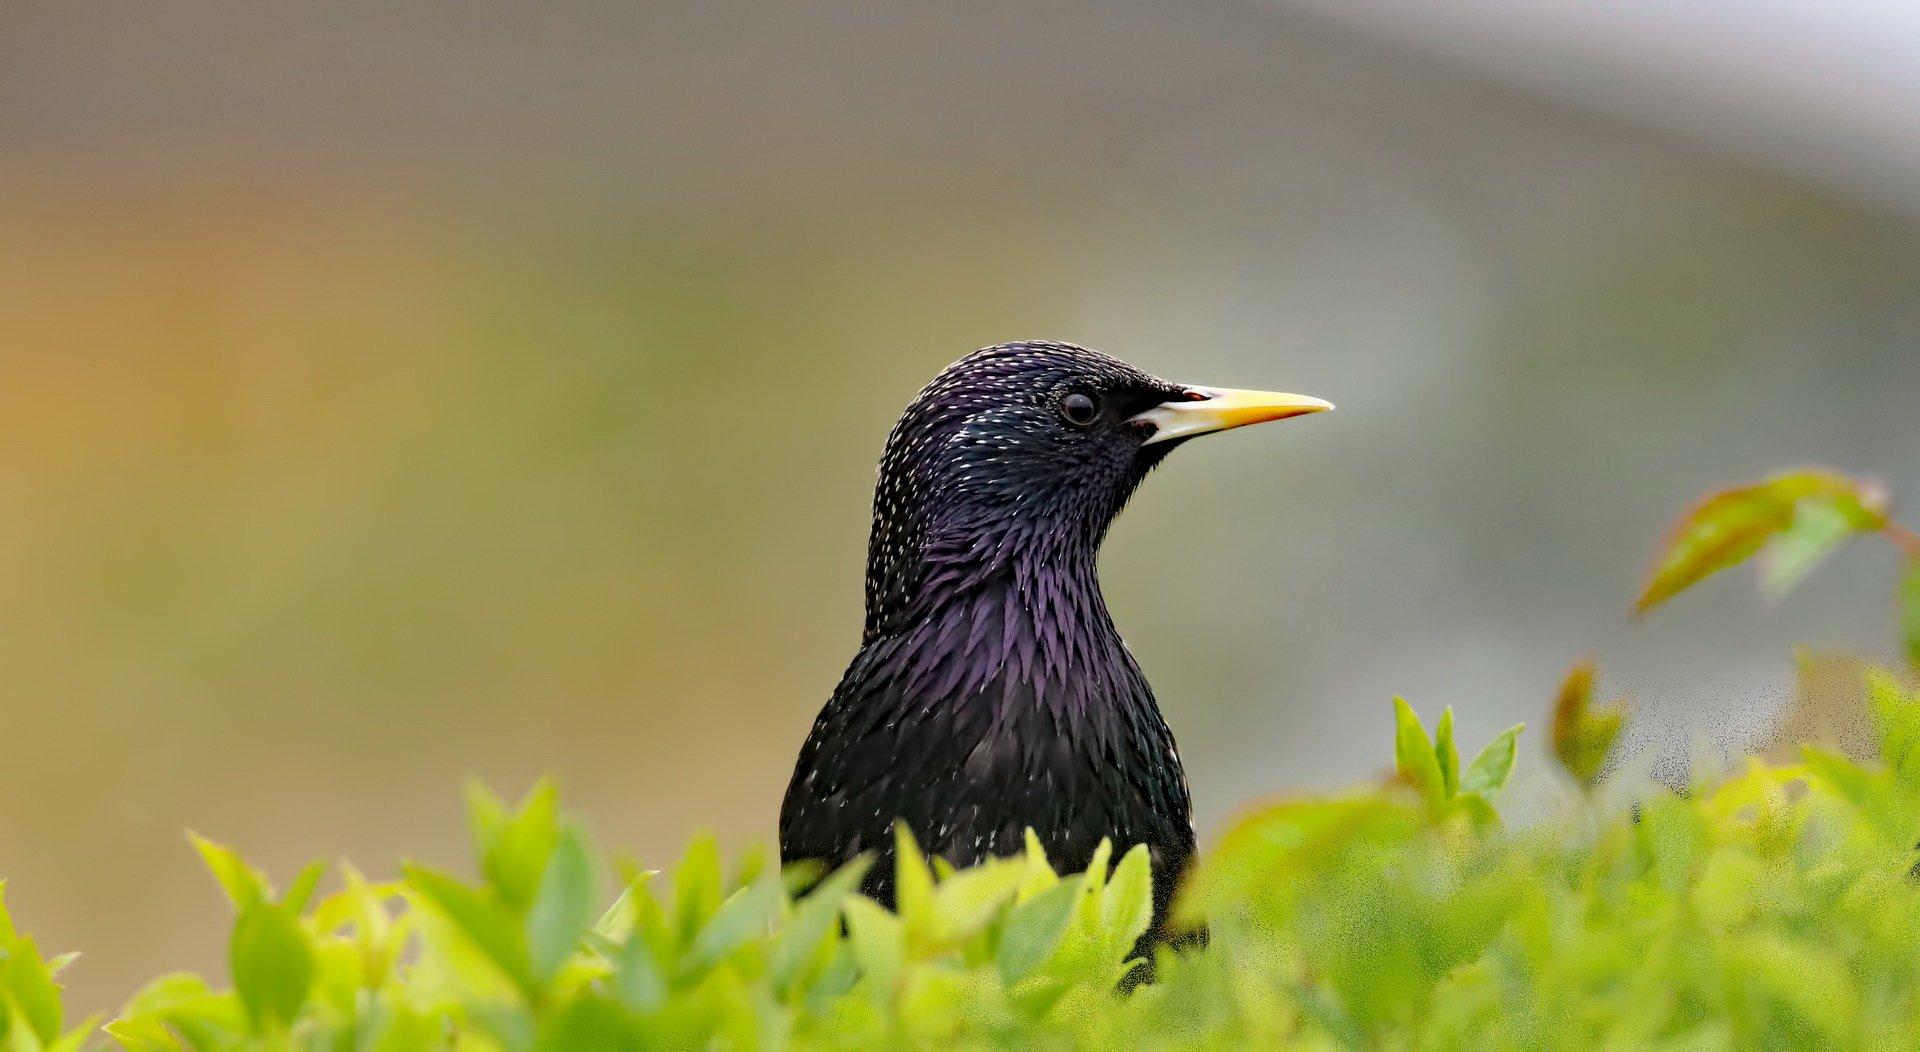 Szpak Edzio, wierszyk dla dzieci o ptakach